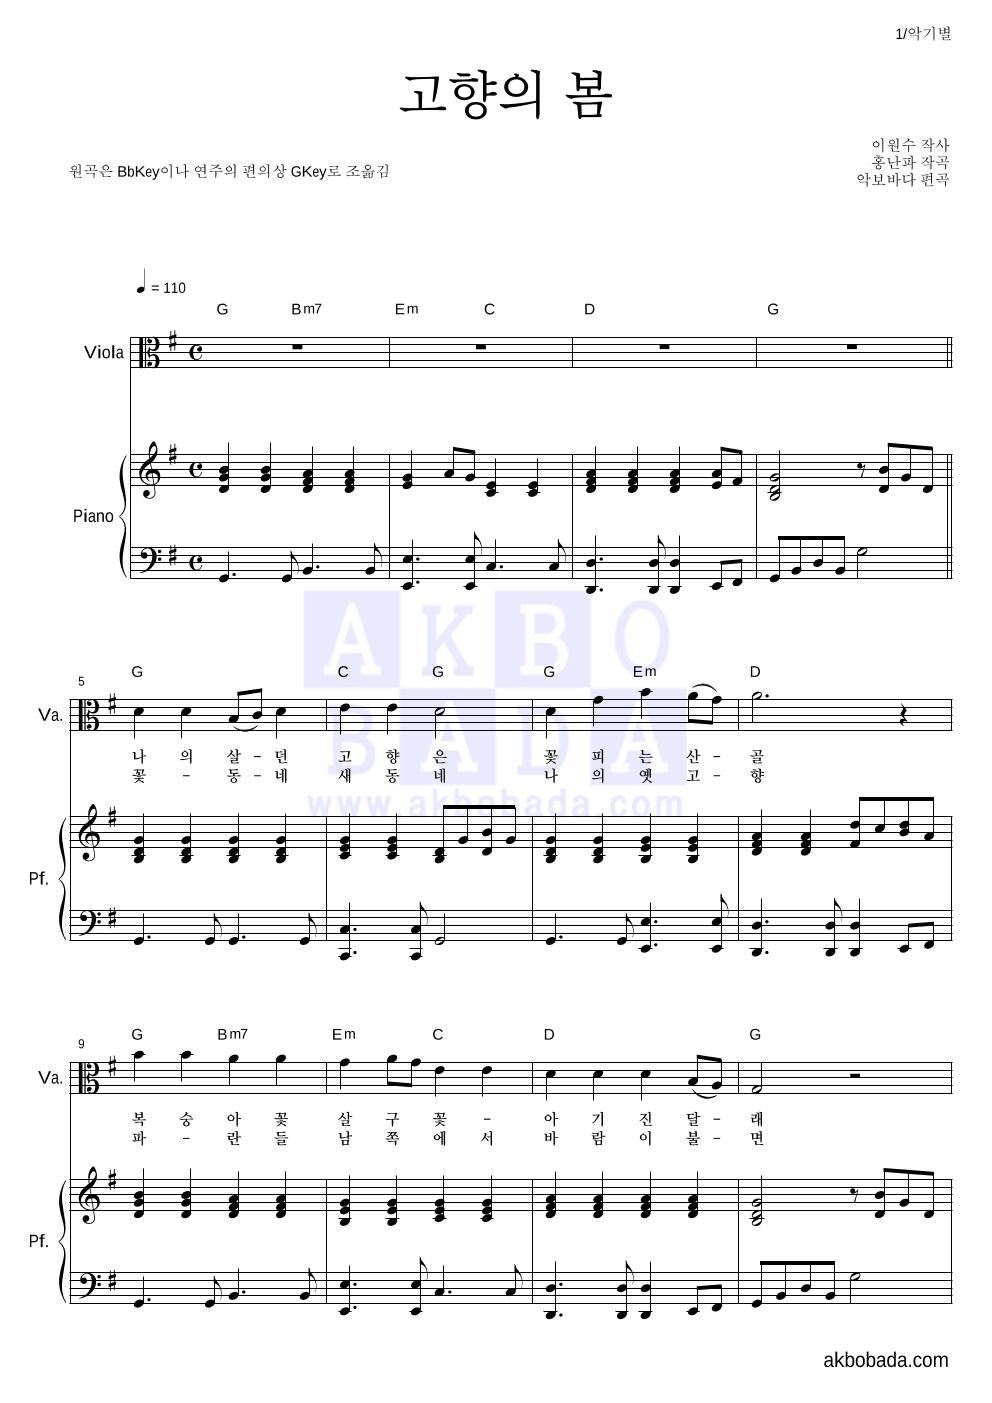 동요 - 고향의 봄 비올라&피아노 악보